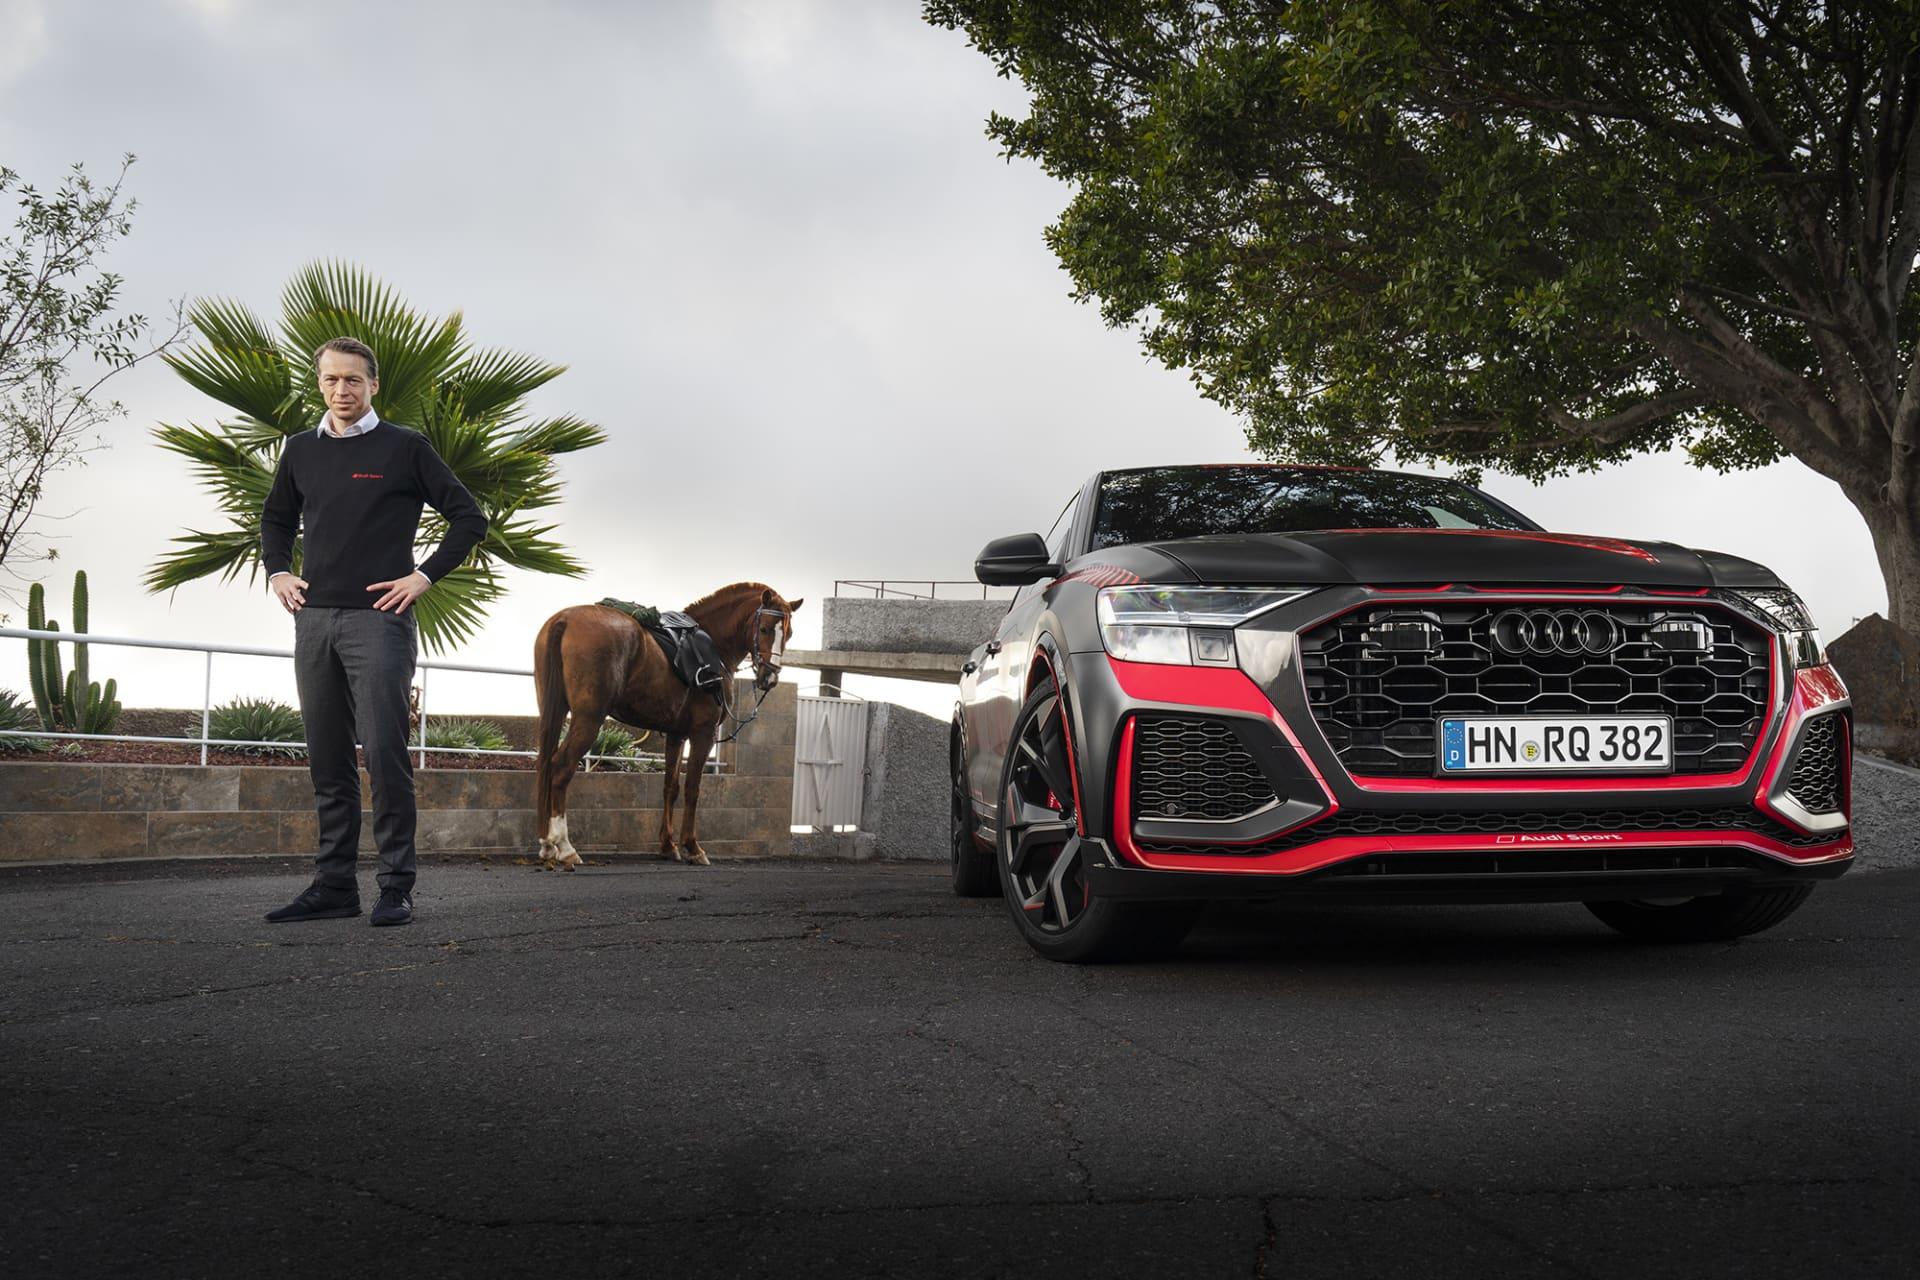 Frank Stippler, en hästkraft och Nürburgring rekordbilen Audi RS Q8 med 600 hästkrafter.